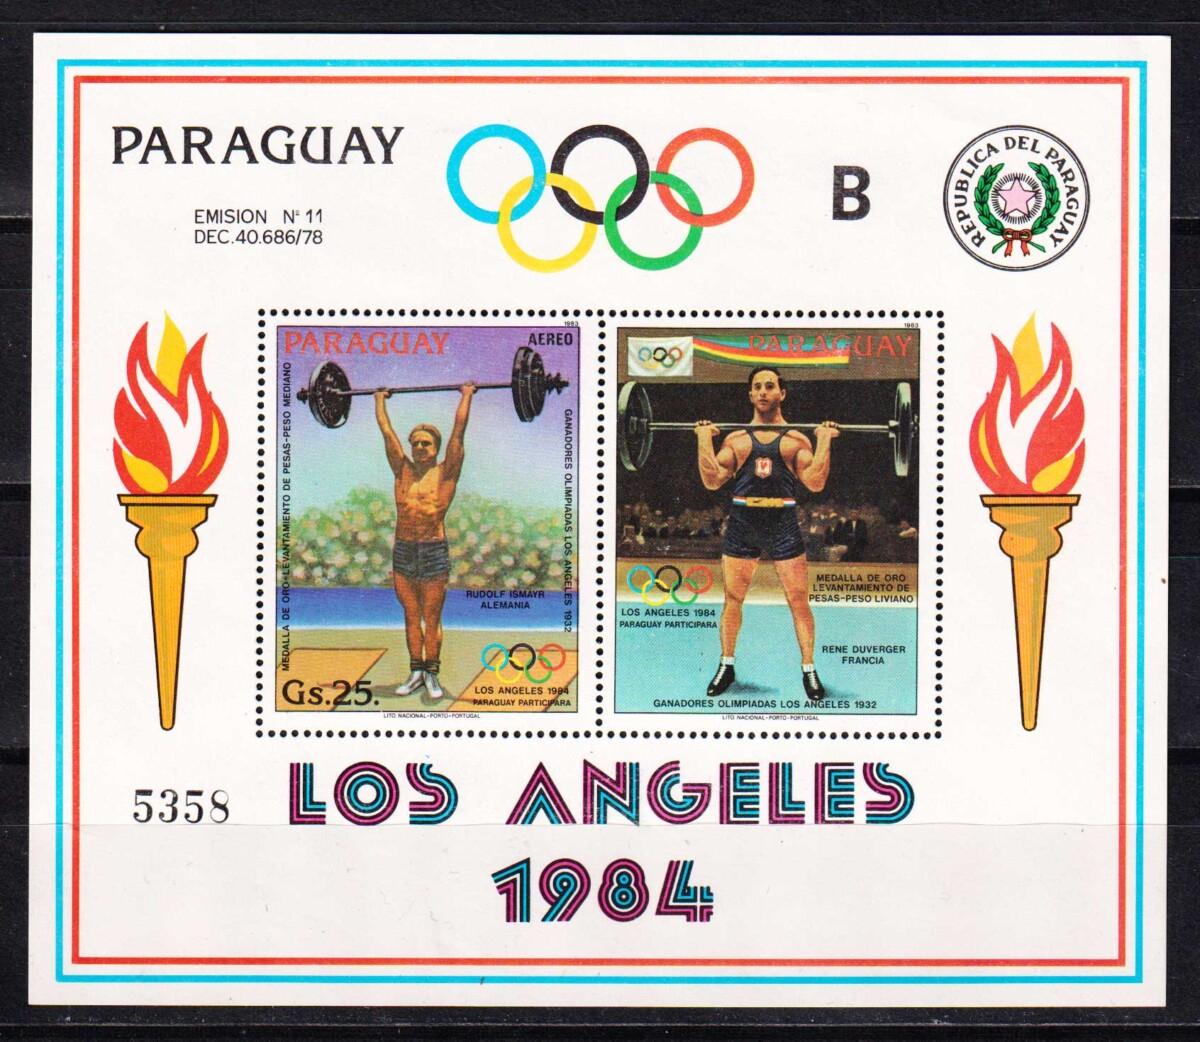 1983 Парагвай. Олимпийские игры - Лос-Анджелес, США 1984 г. Рудольф Исмайр (В) [imp-14475] 1